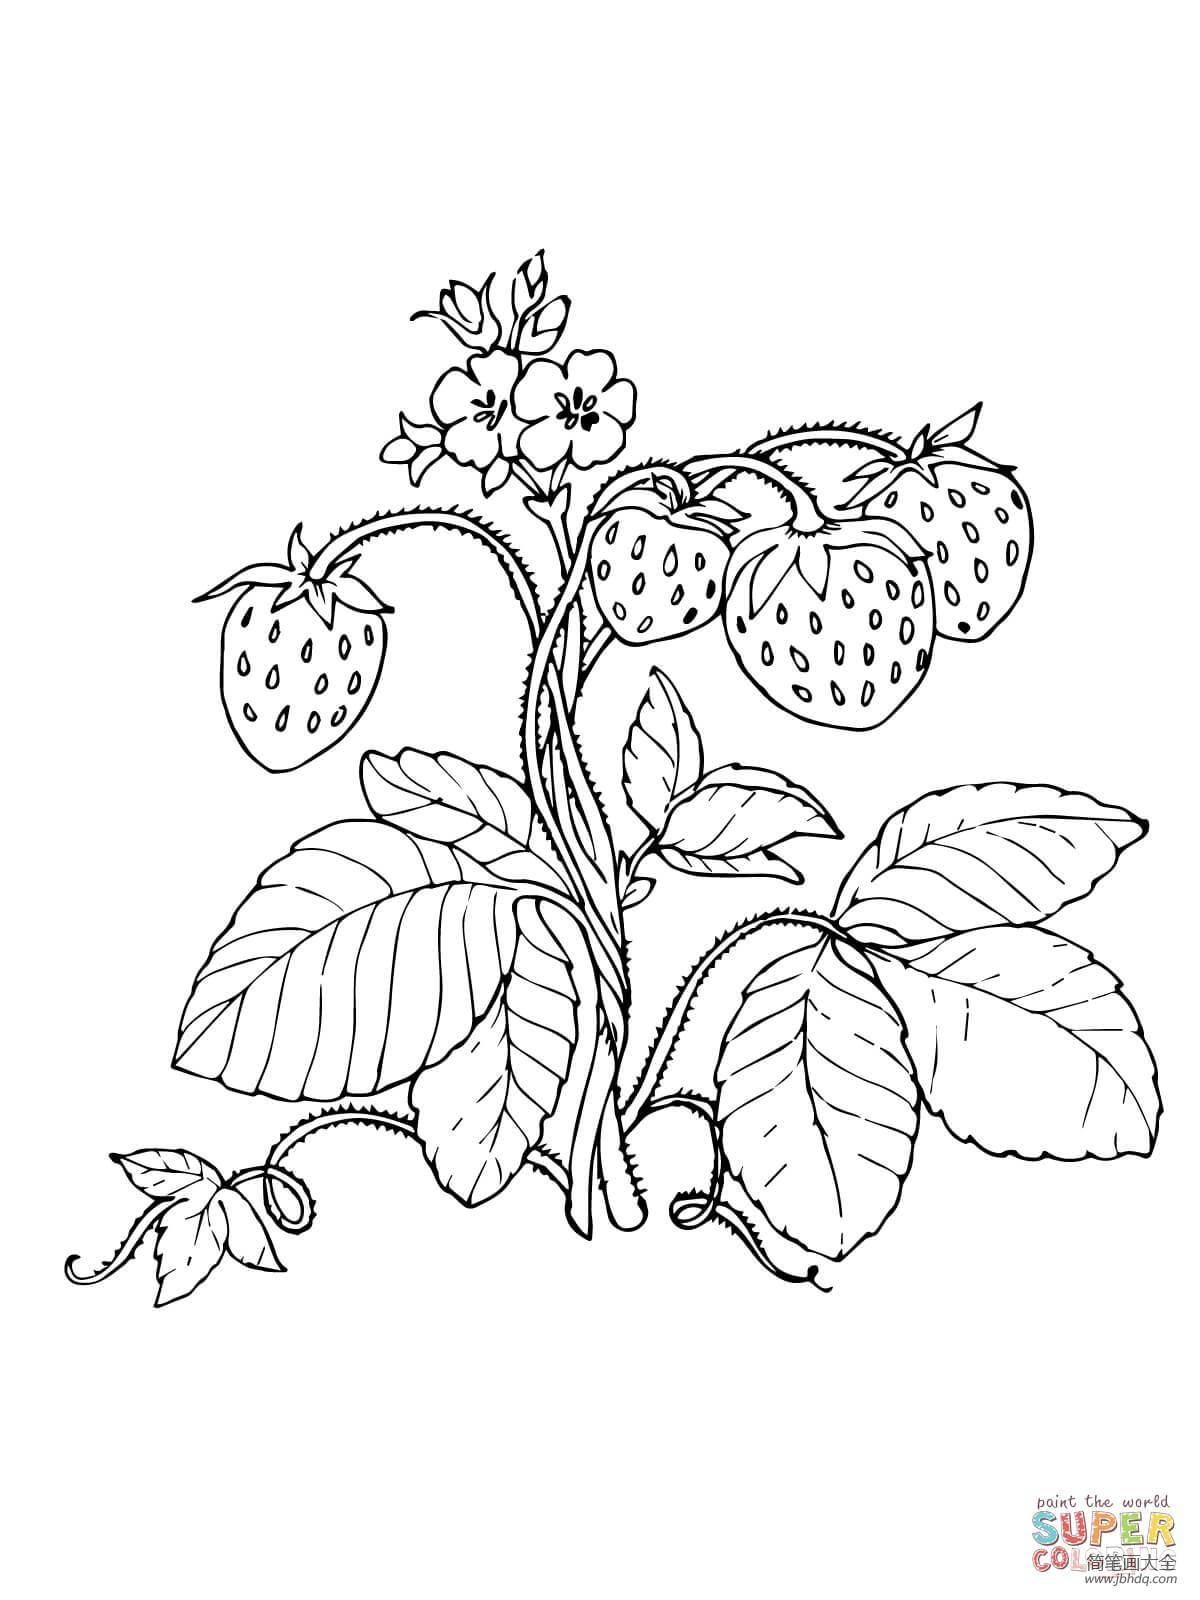 [藤上的草莓简笔画图片大全]藤上的草莓简笔画图片